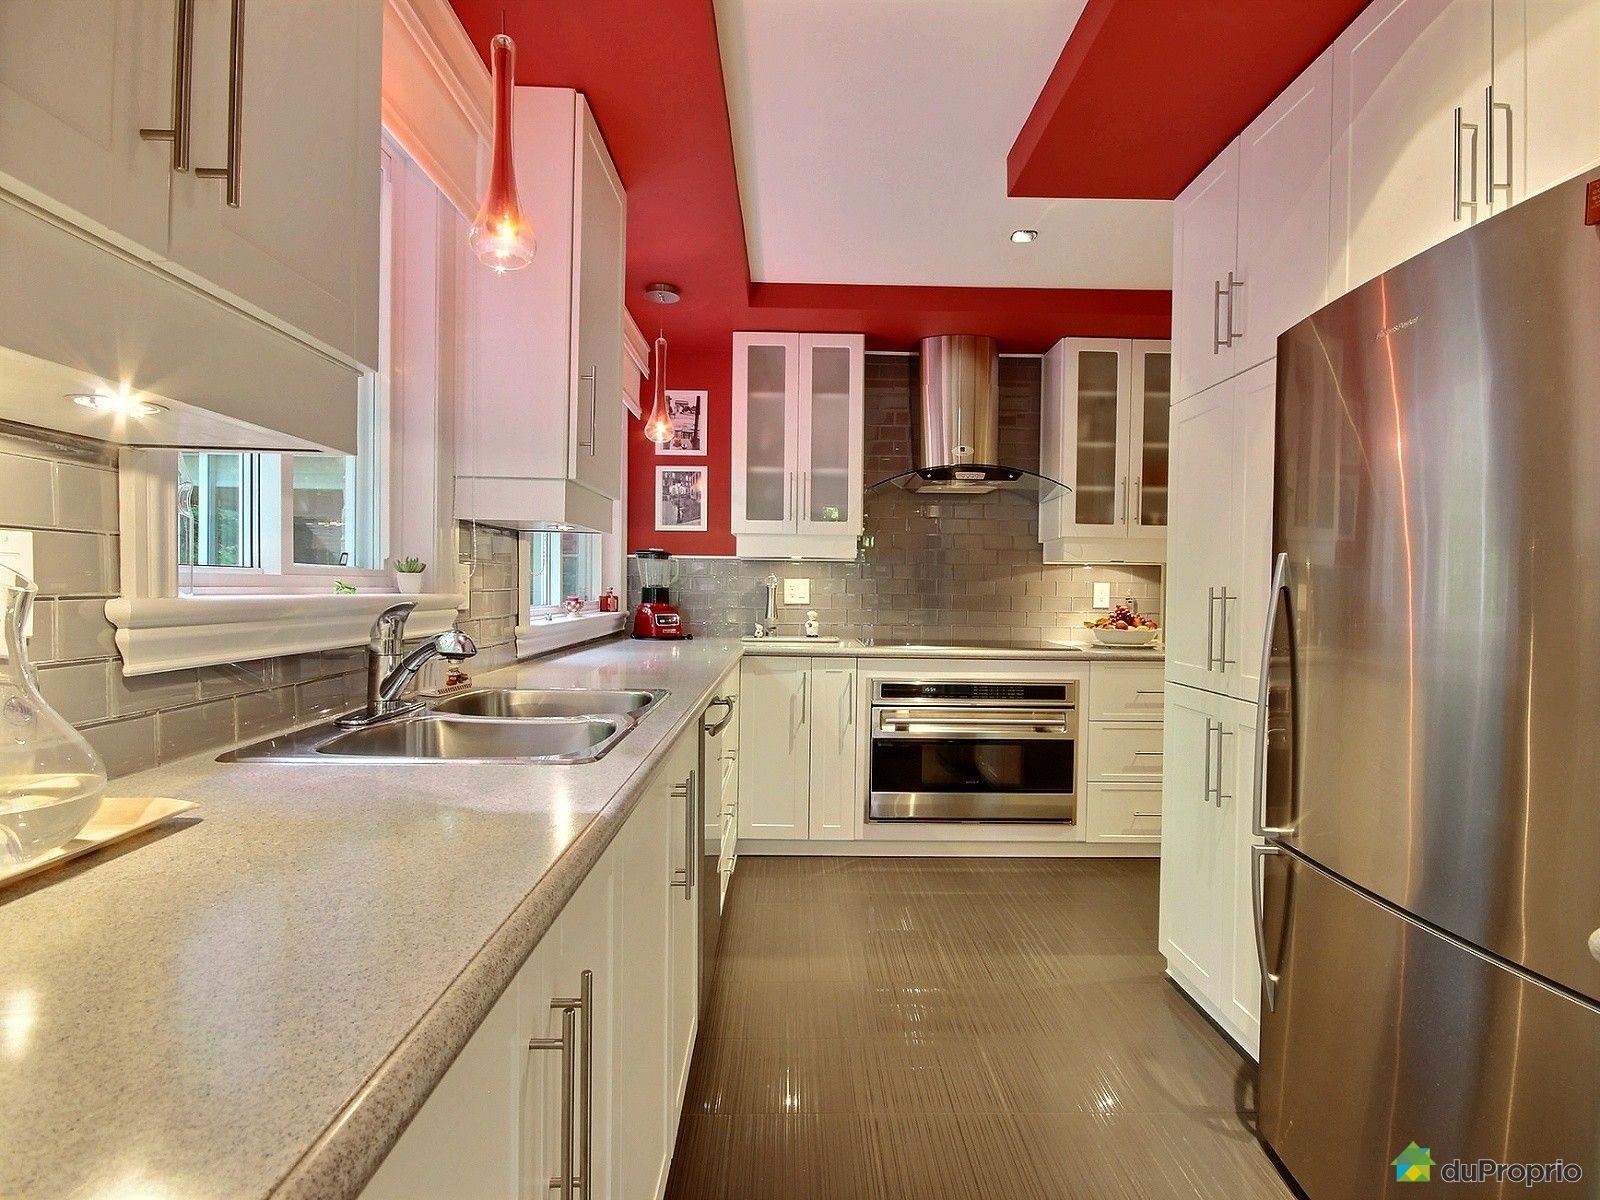 Maison vendre st bruno de montarville 60 rue des for Ares cuisine st bruno